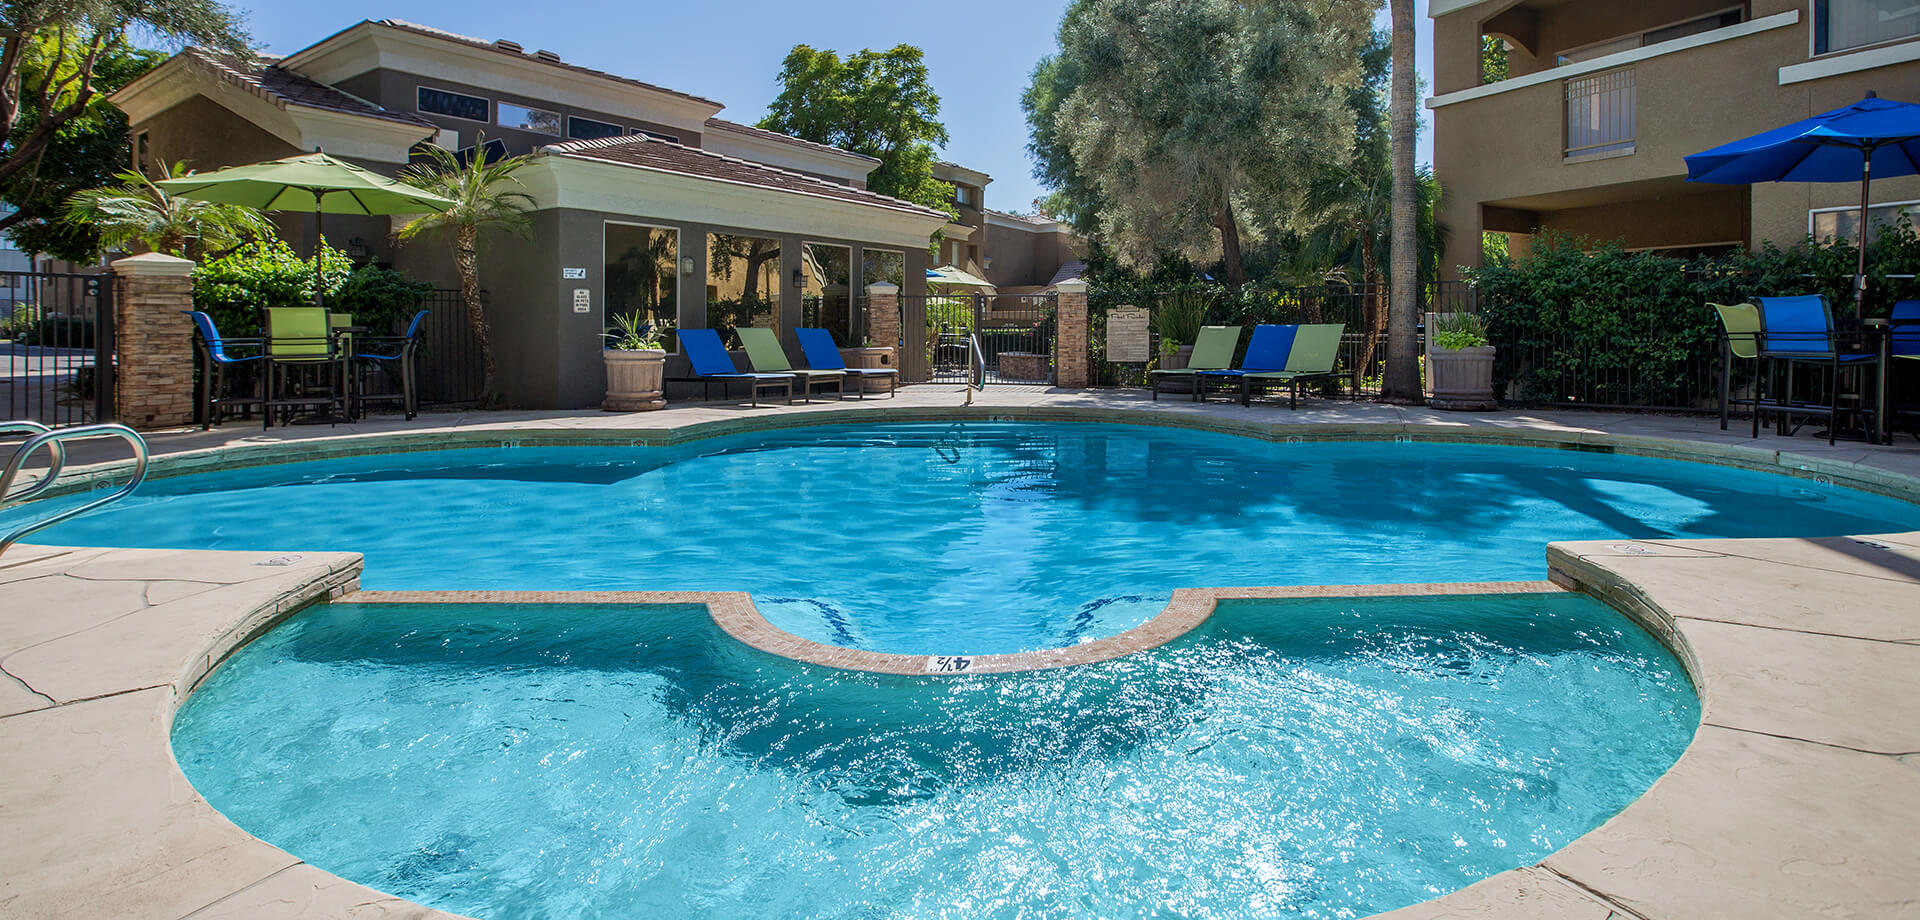 La Terraza at the Biltmore - Apartment Homes in Phoenix, AZ